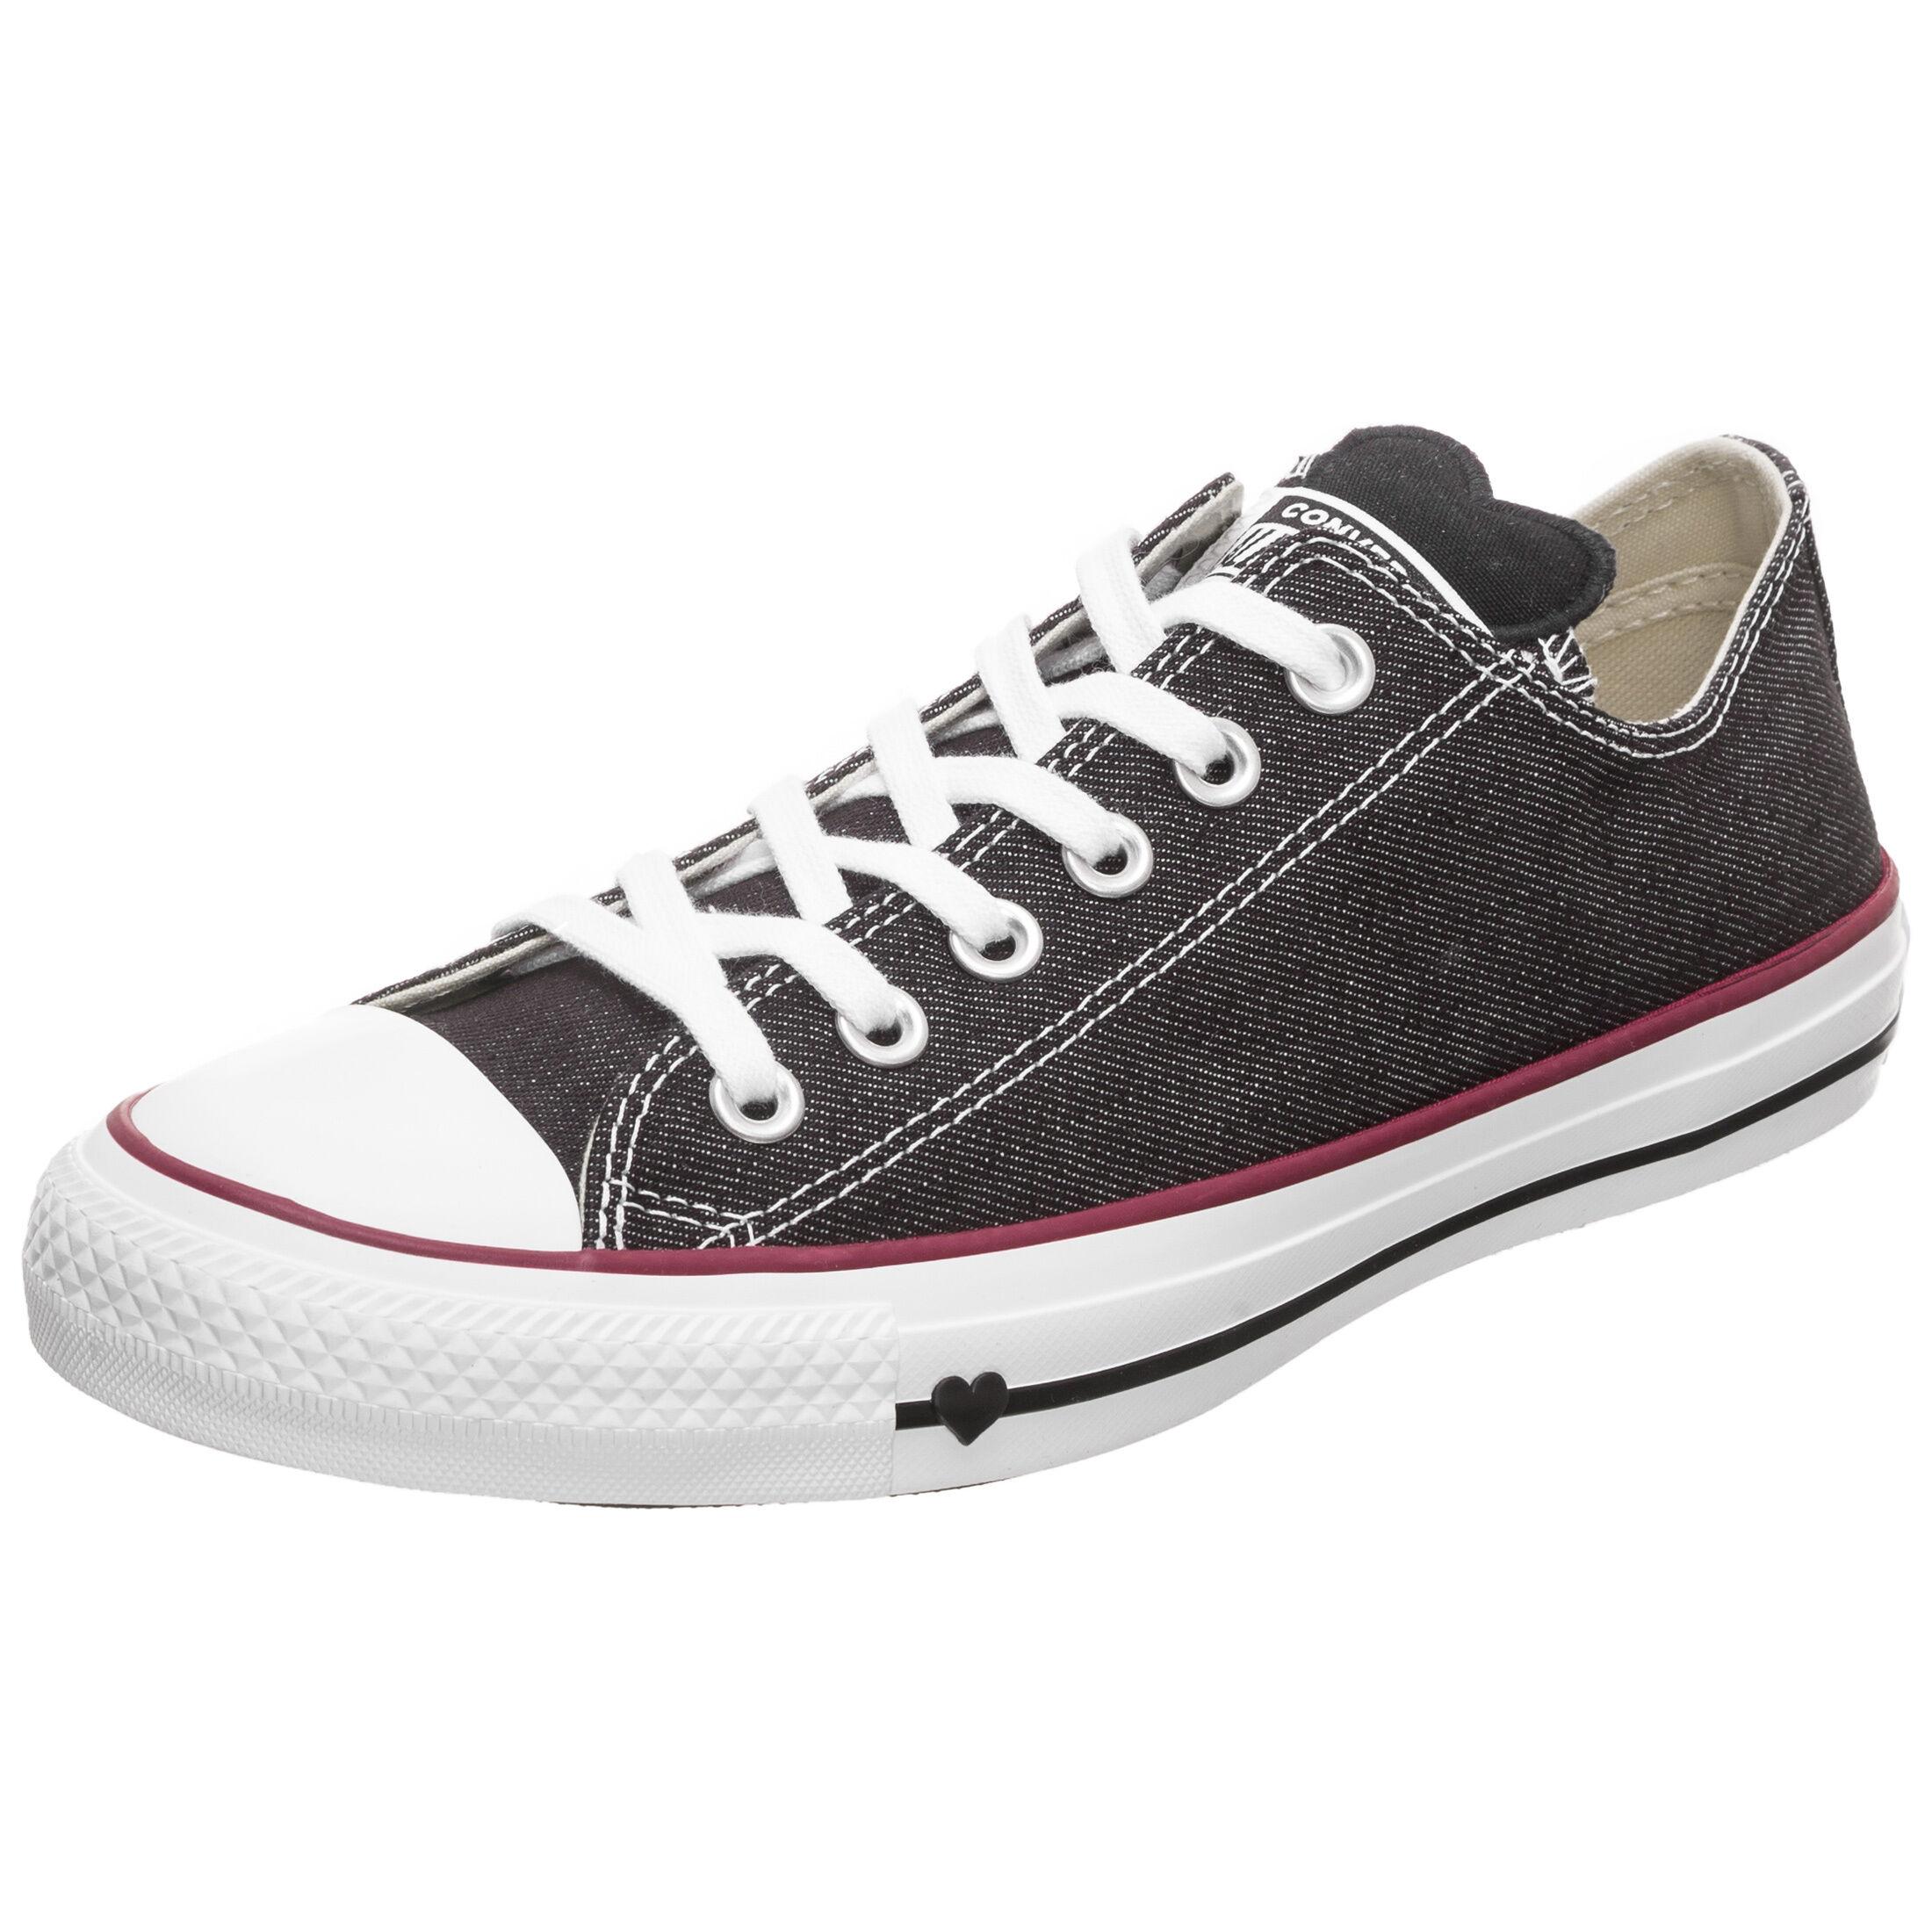 CONVERSE Damen Sneaker CHUCK TAYLOR ALL STAR OX online